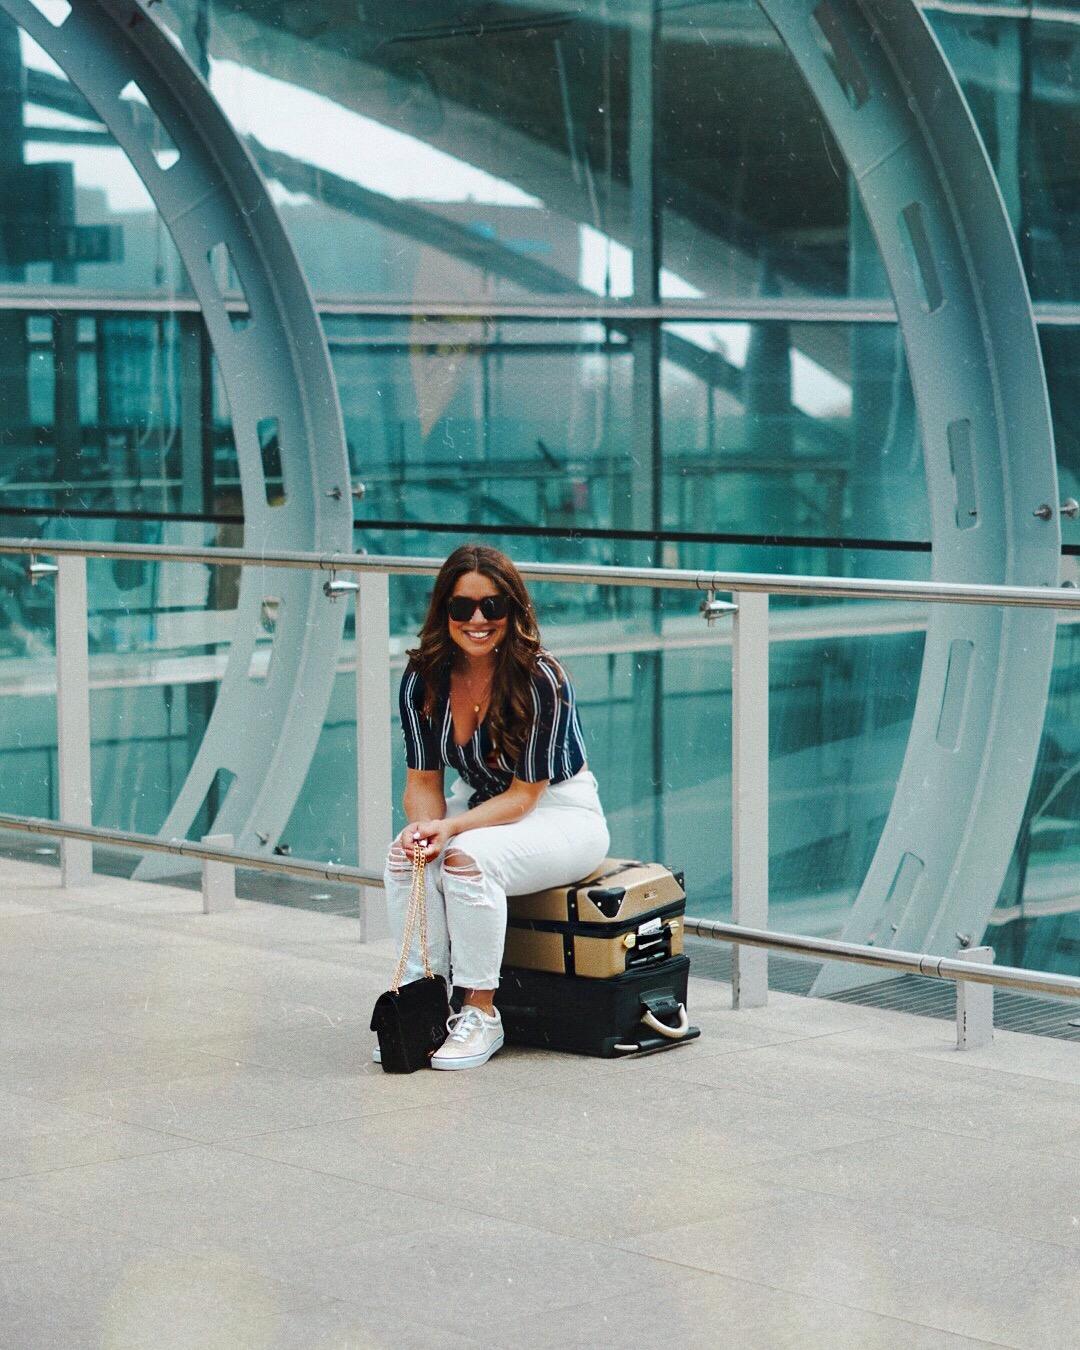 Nadia Dublin airport holiday wardrobe